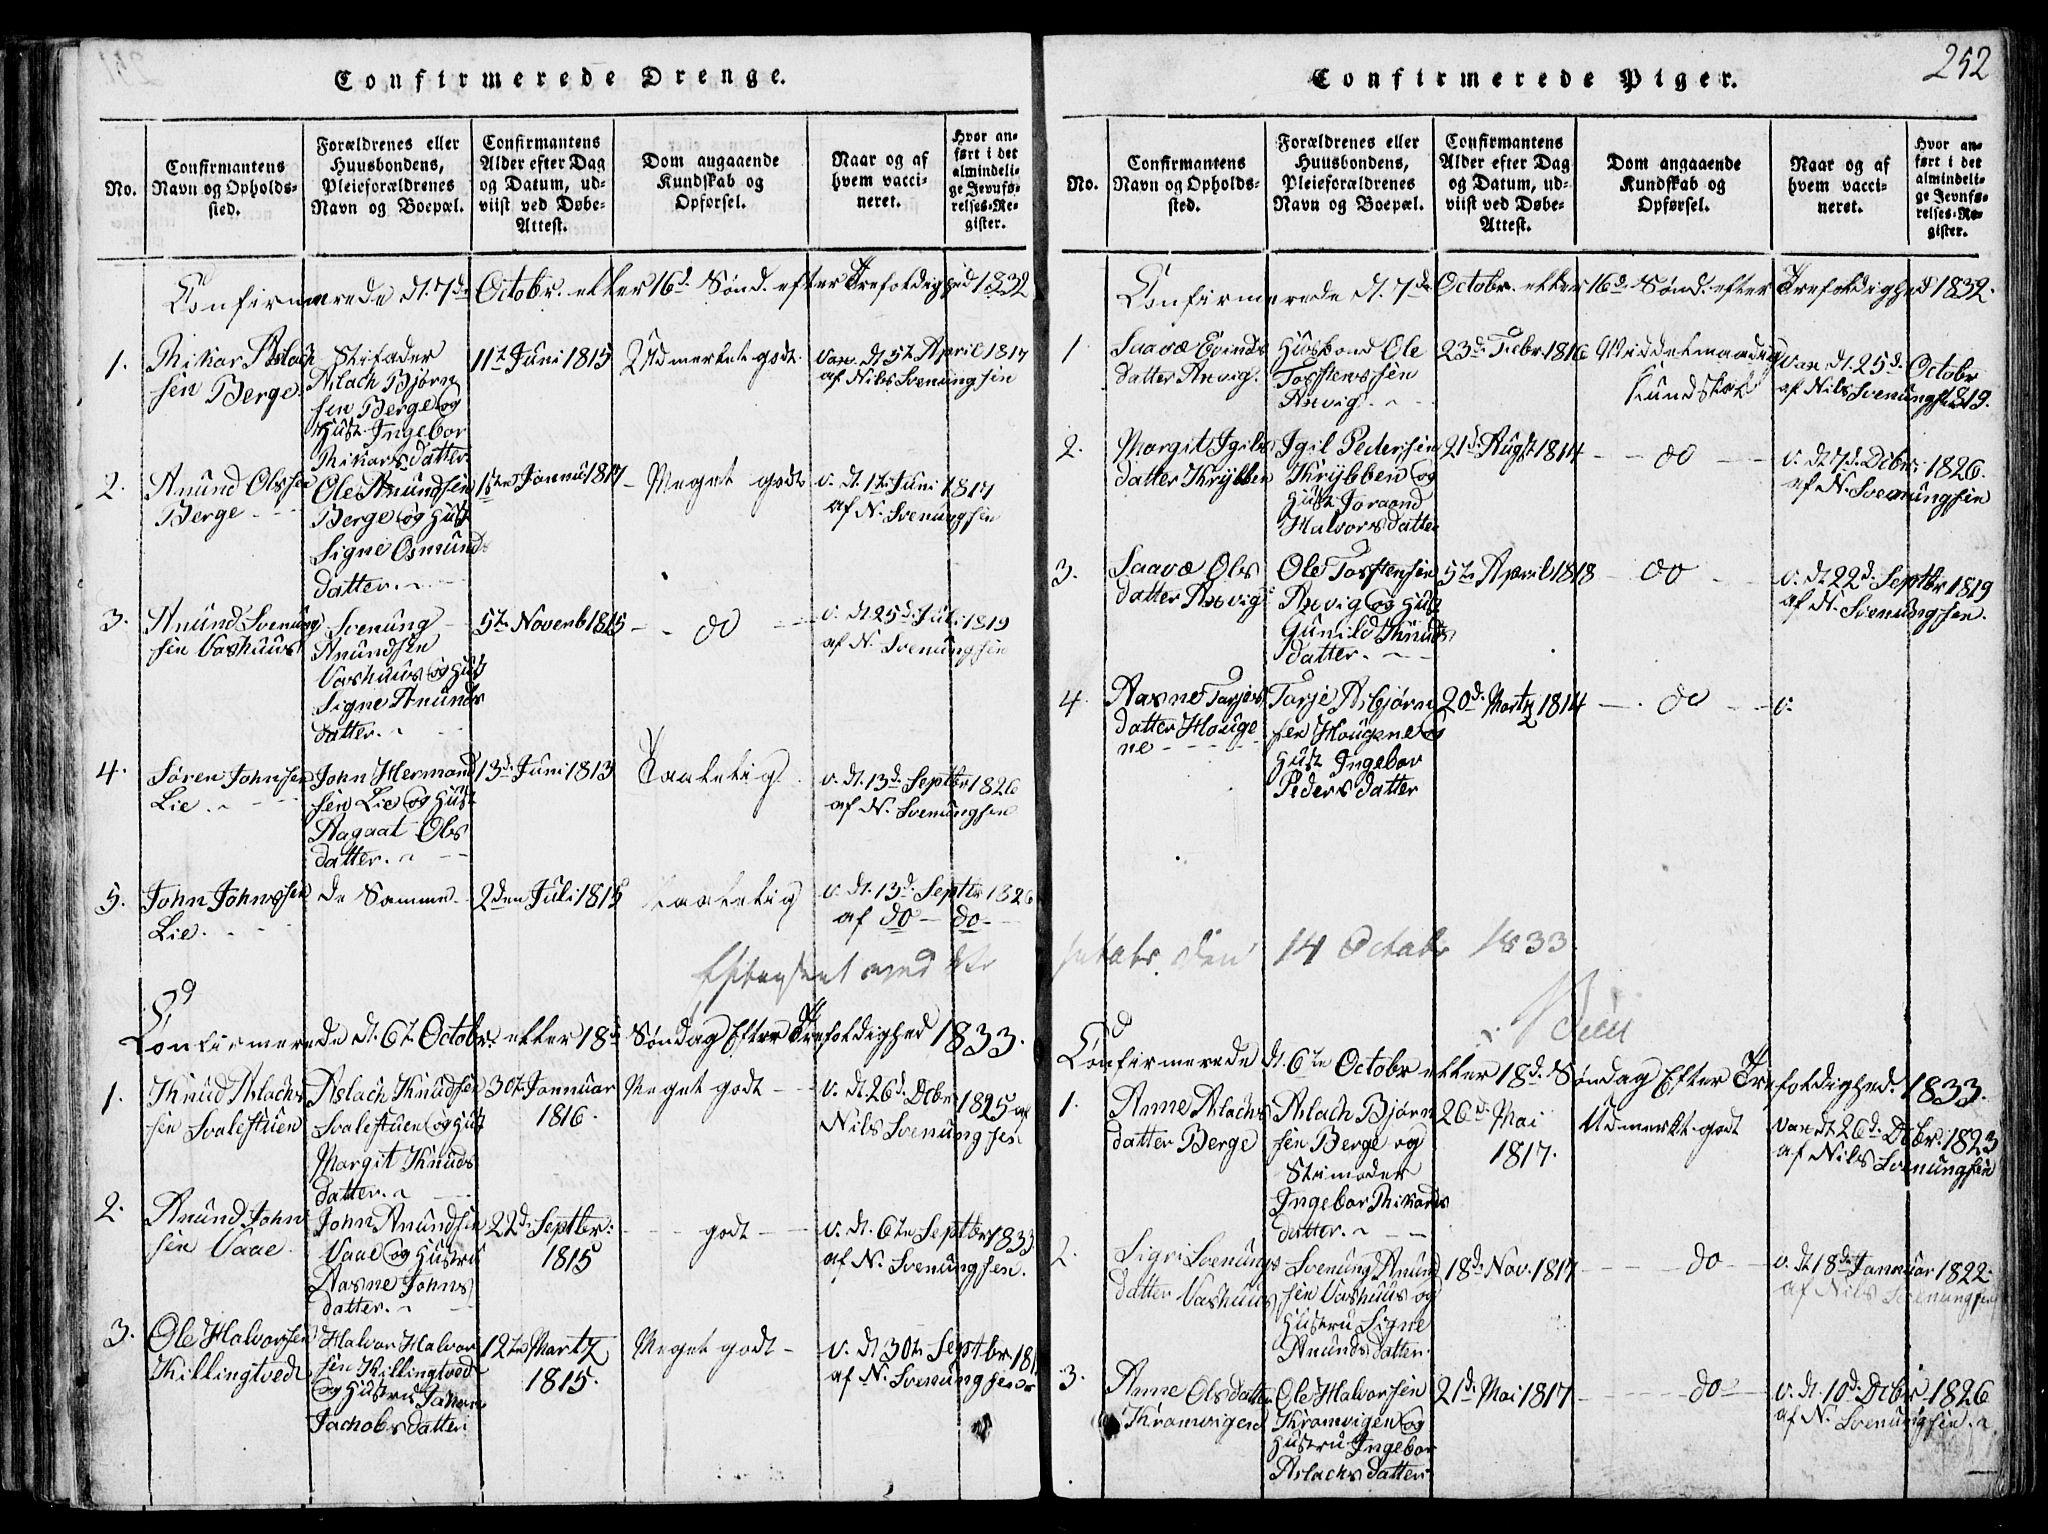 SAKO, Rauland kirkebøker, G/Ga/L0001: Klokkerbok nr. I 1, 1814-1843, s. 252